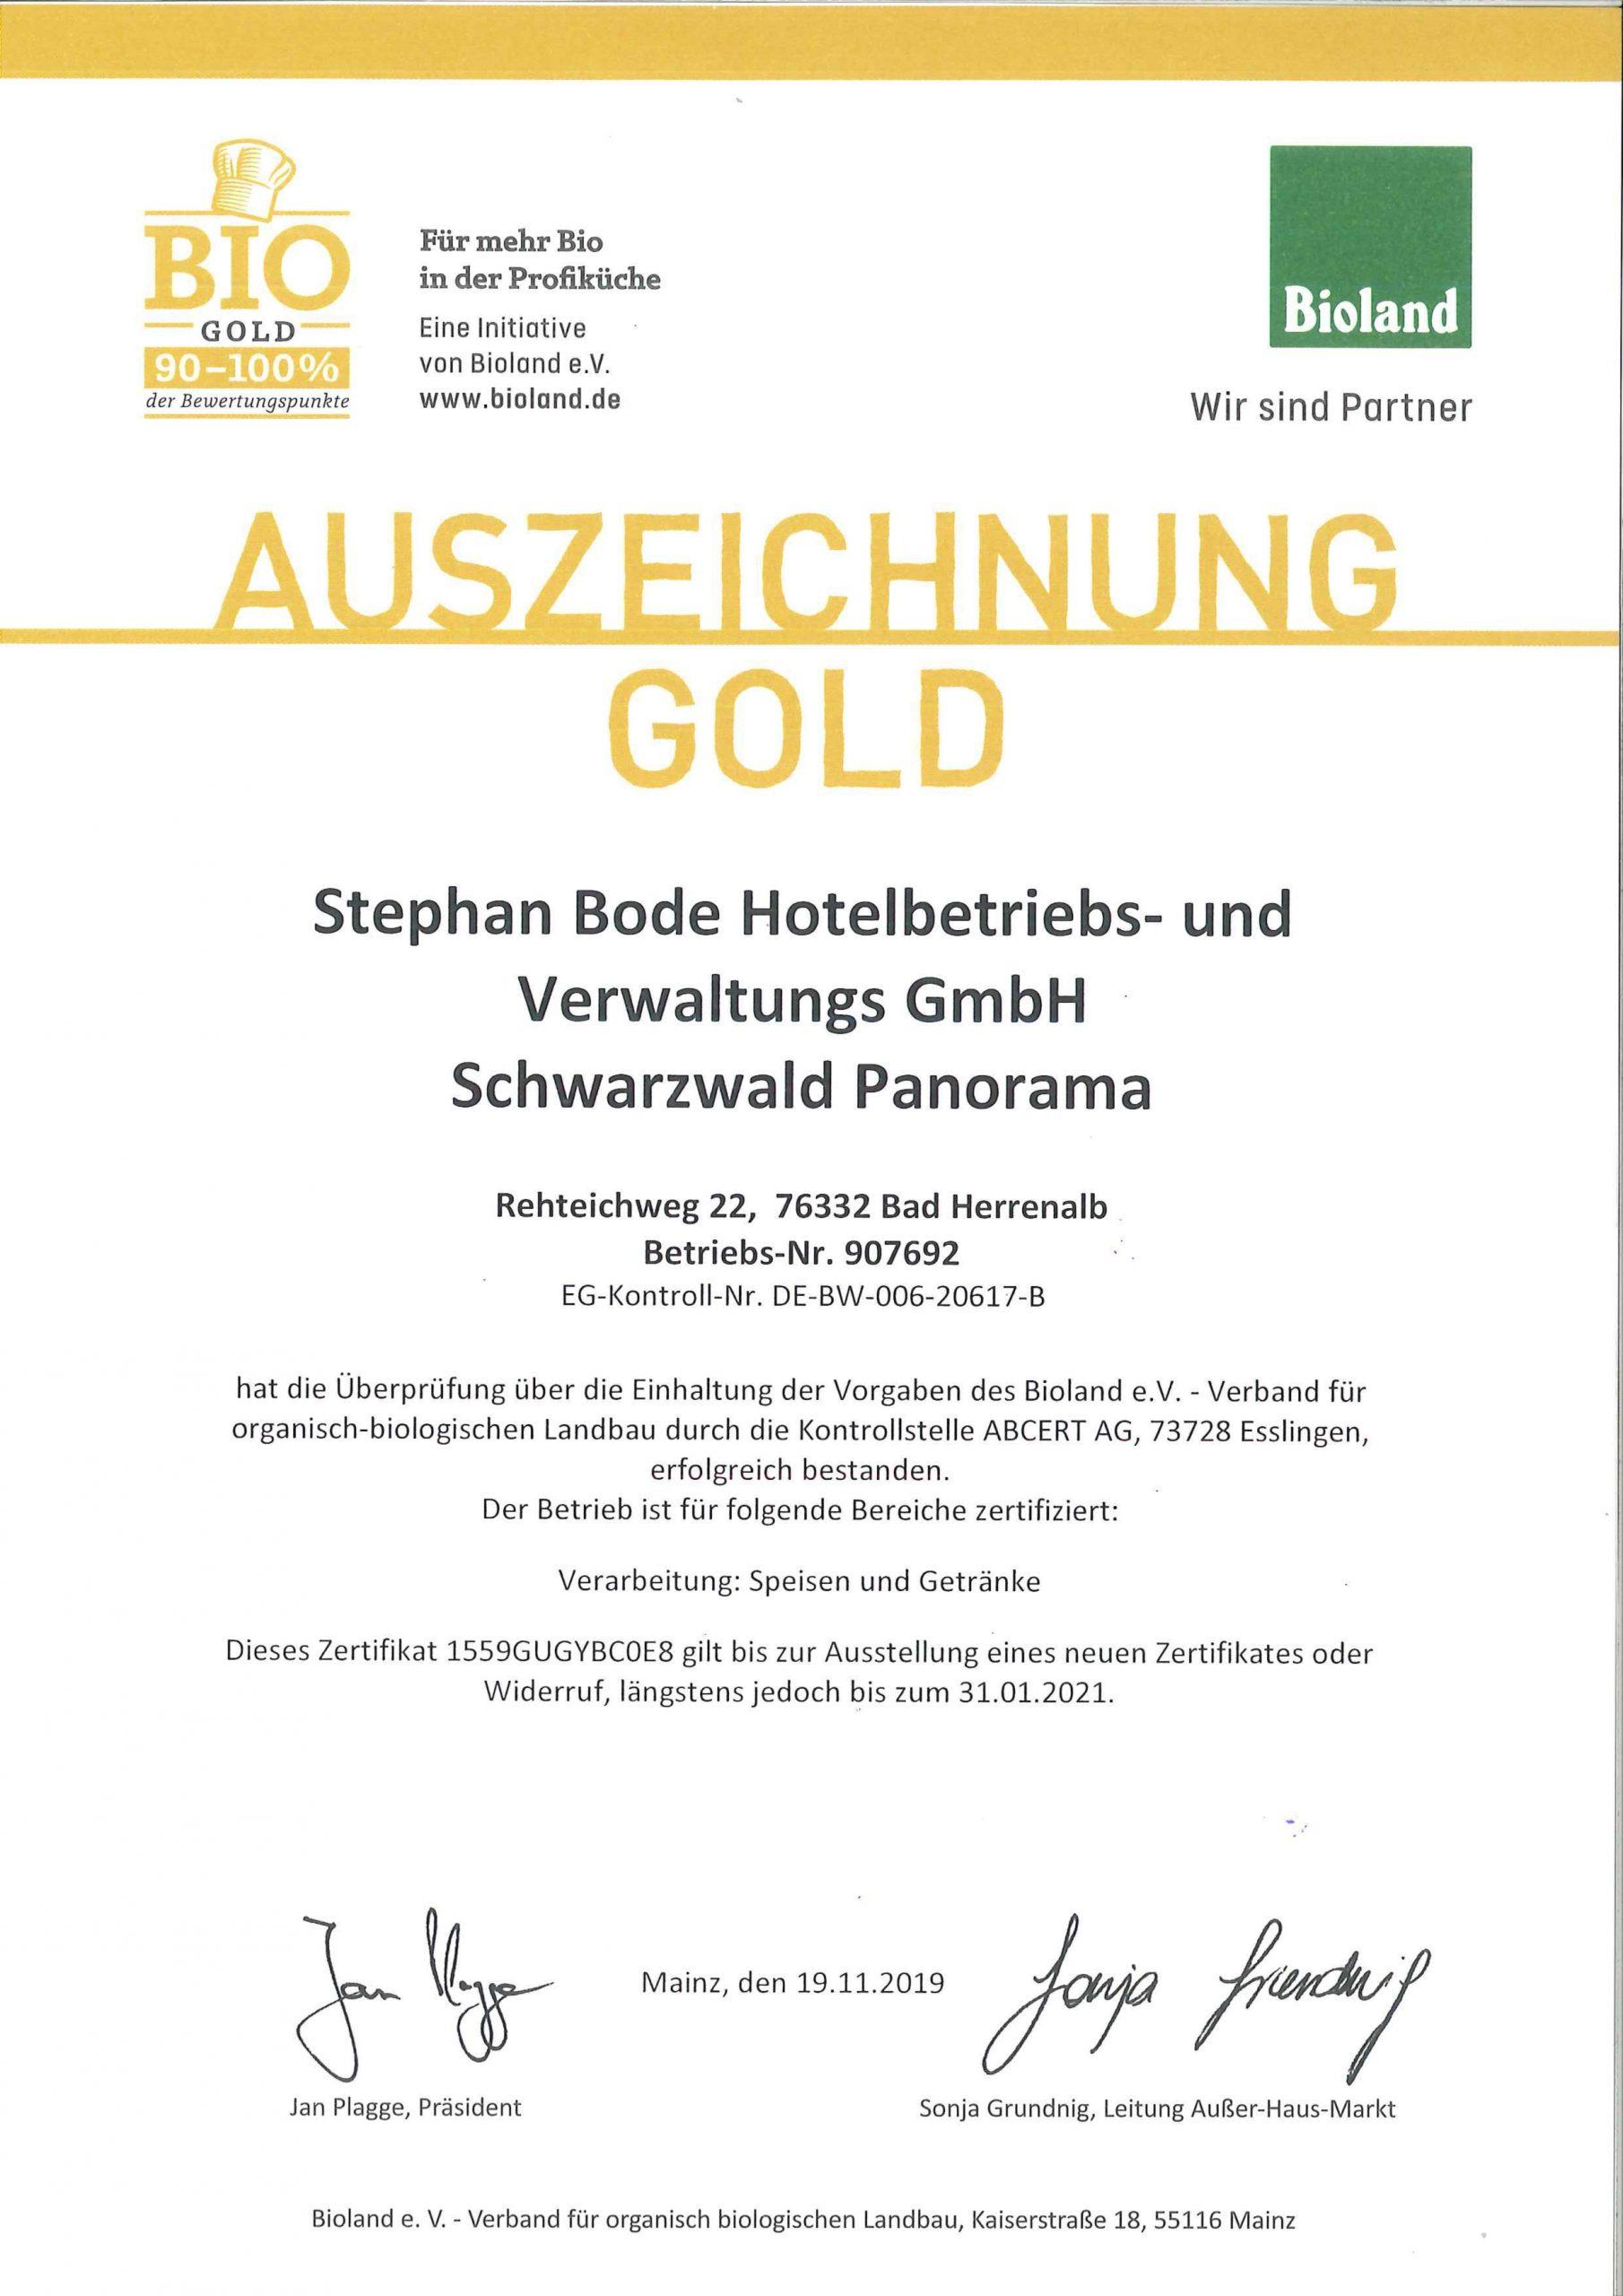 Bioland Zertifikat 2019 für das Hotel Schwarzwald Panorama der Stephan Bode Hotelbetriebs- und Verwaltungs-GmbH